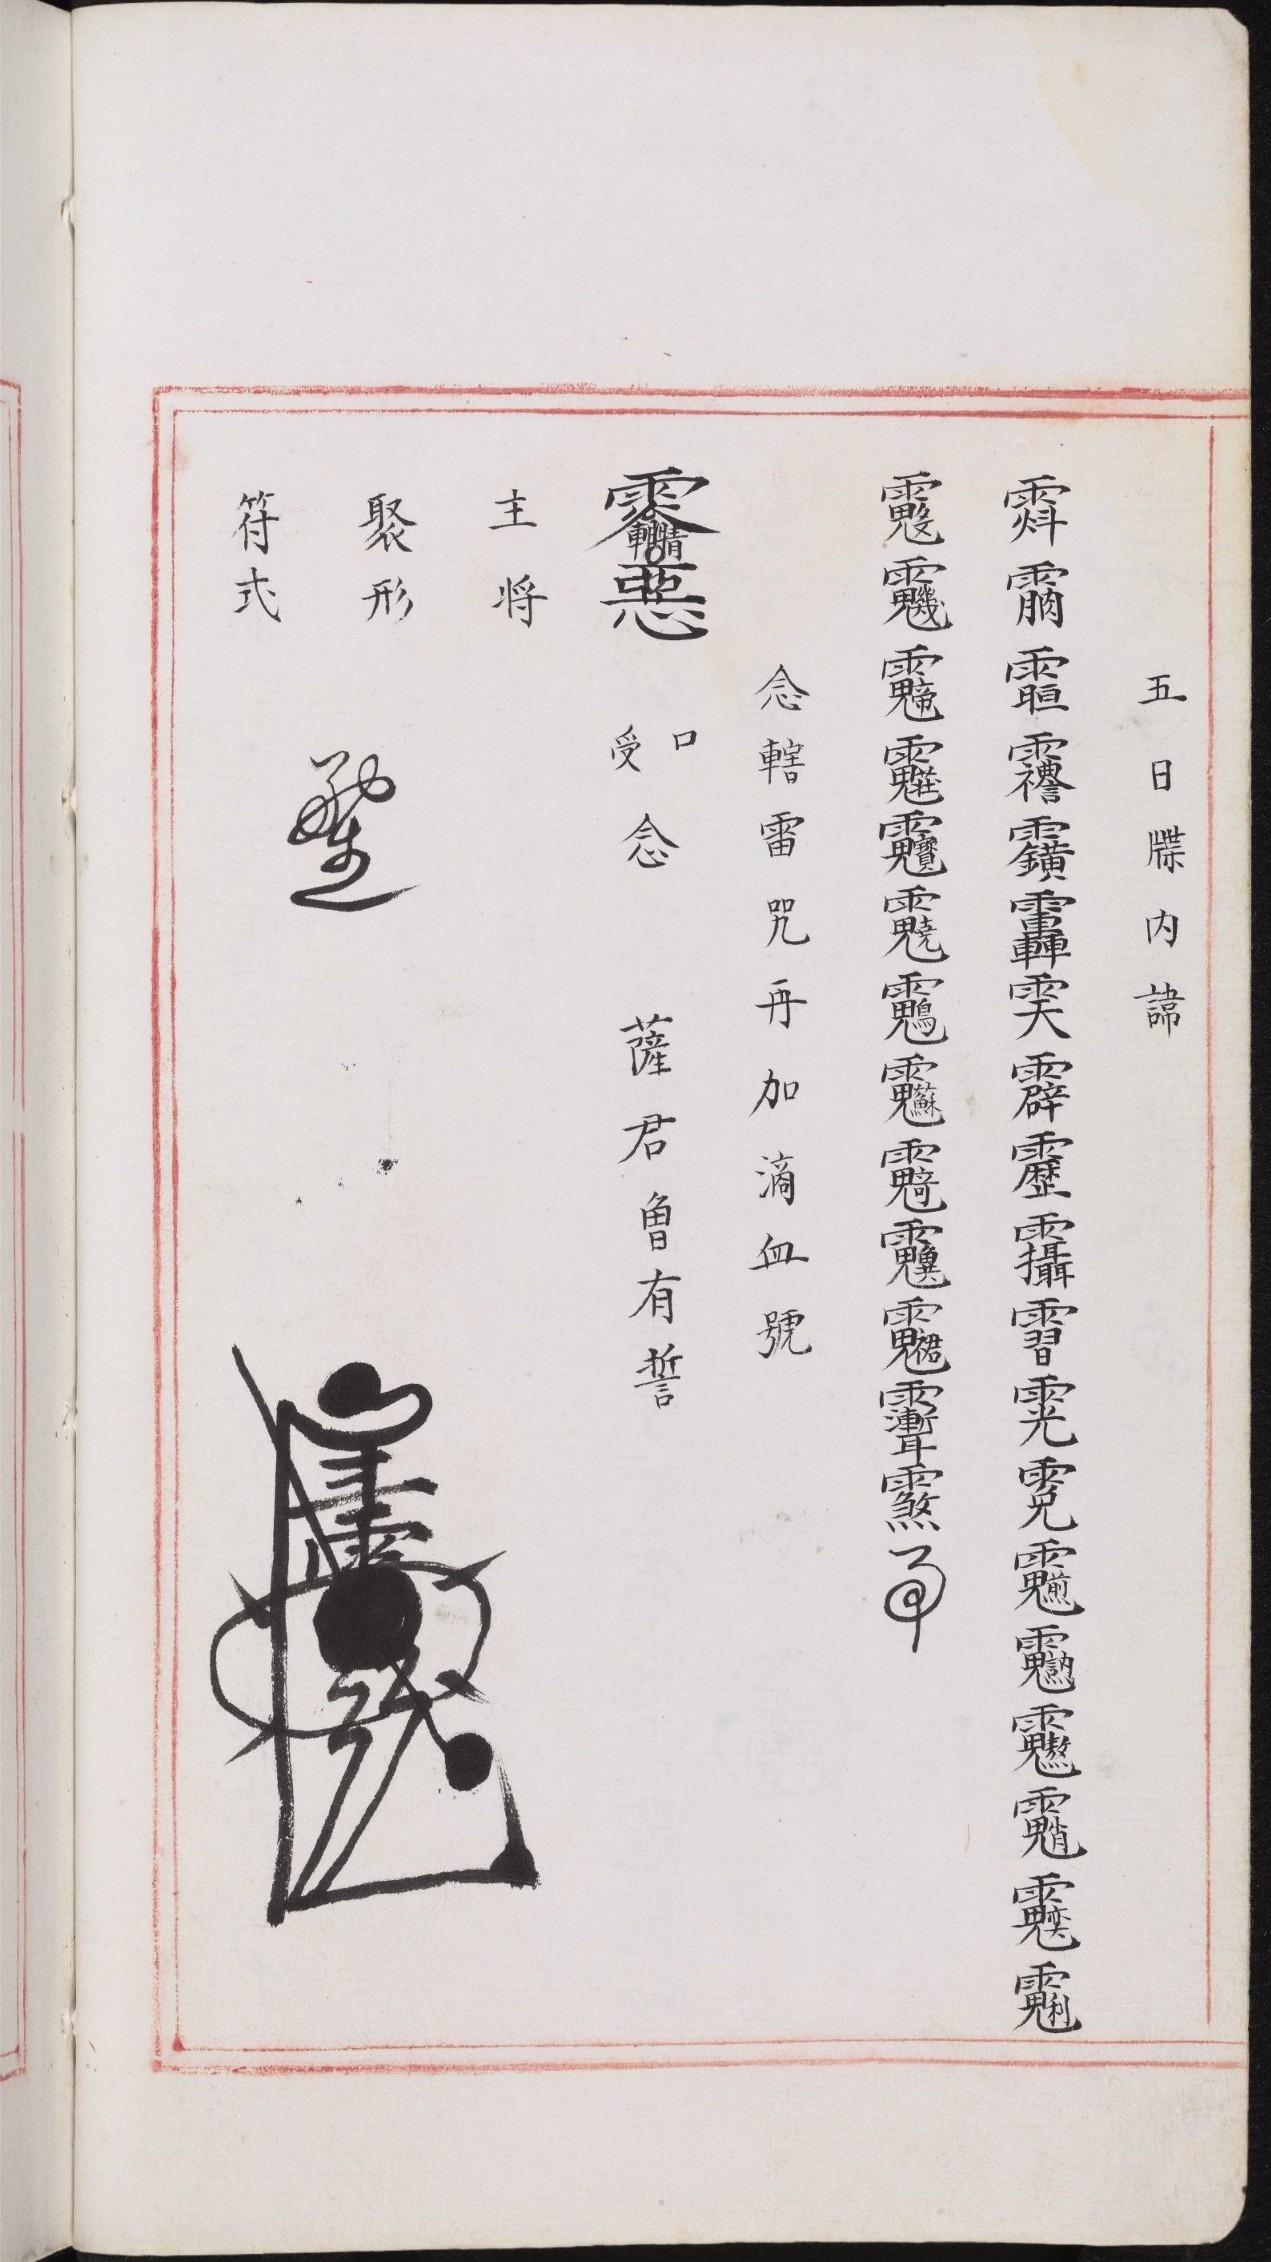 明代道教符箓咒语秘诀 嘉靖宫廷古本